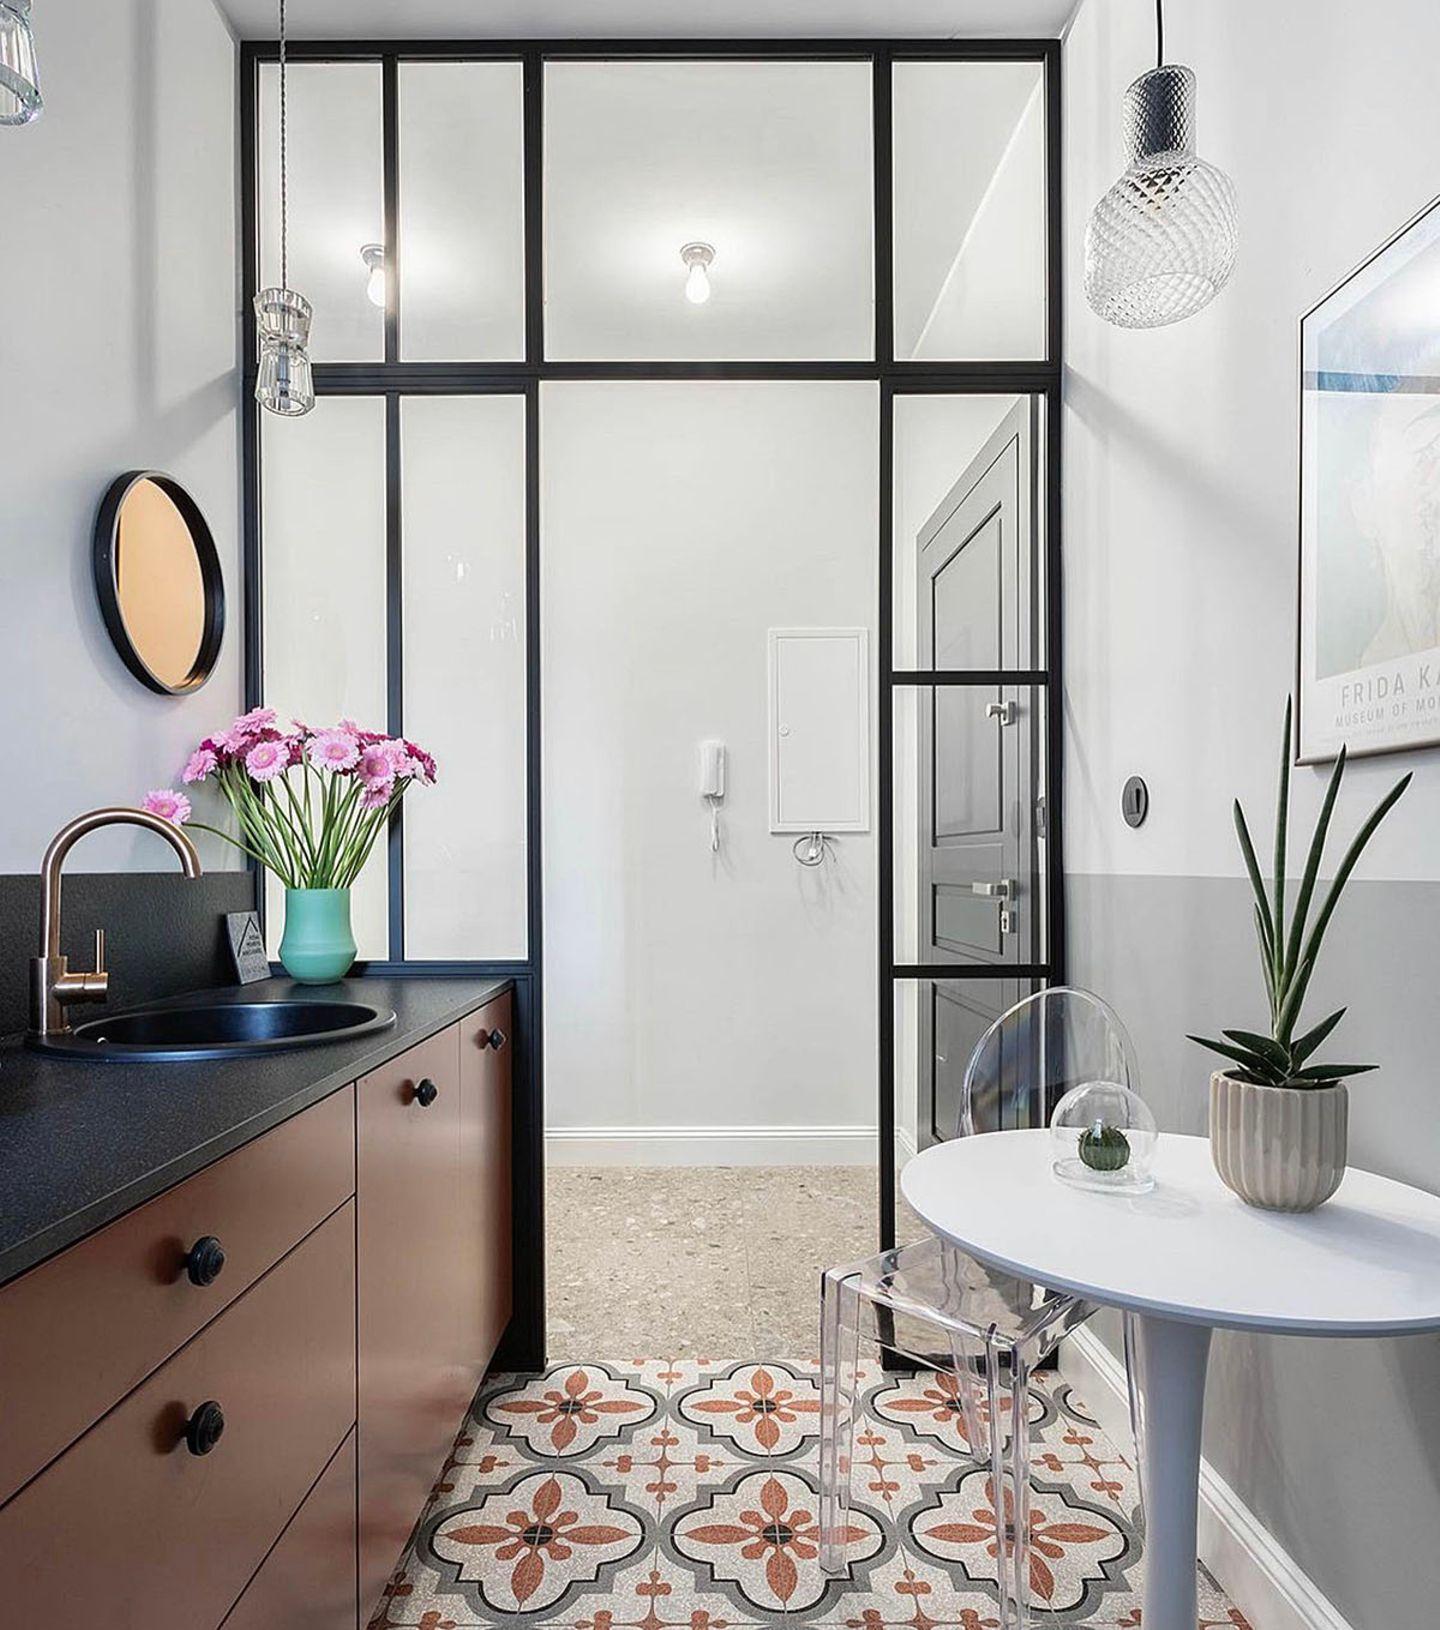 Lofttür aus Glas und Stahl von Holzconnection im Badezimmer.